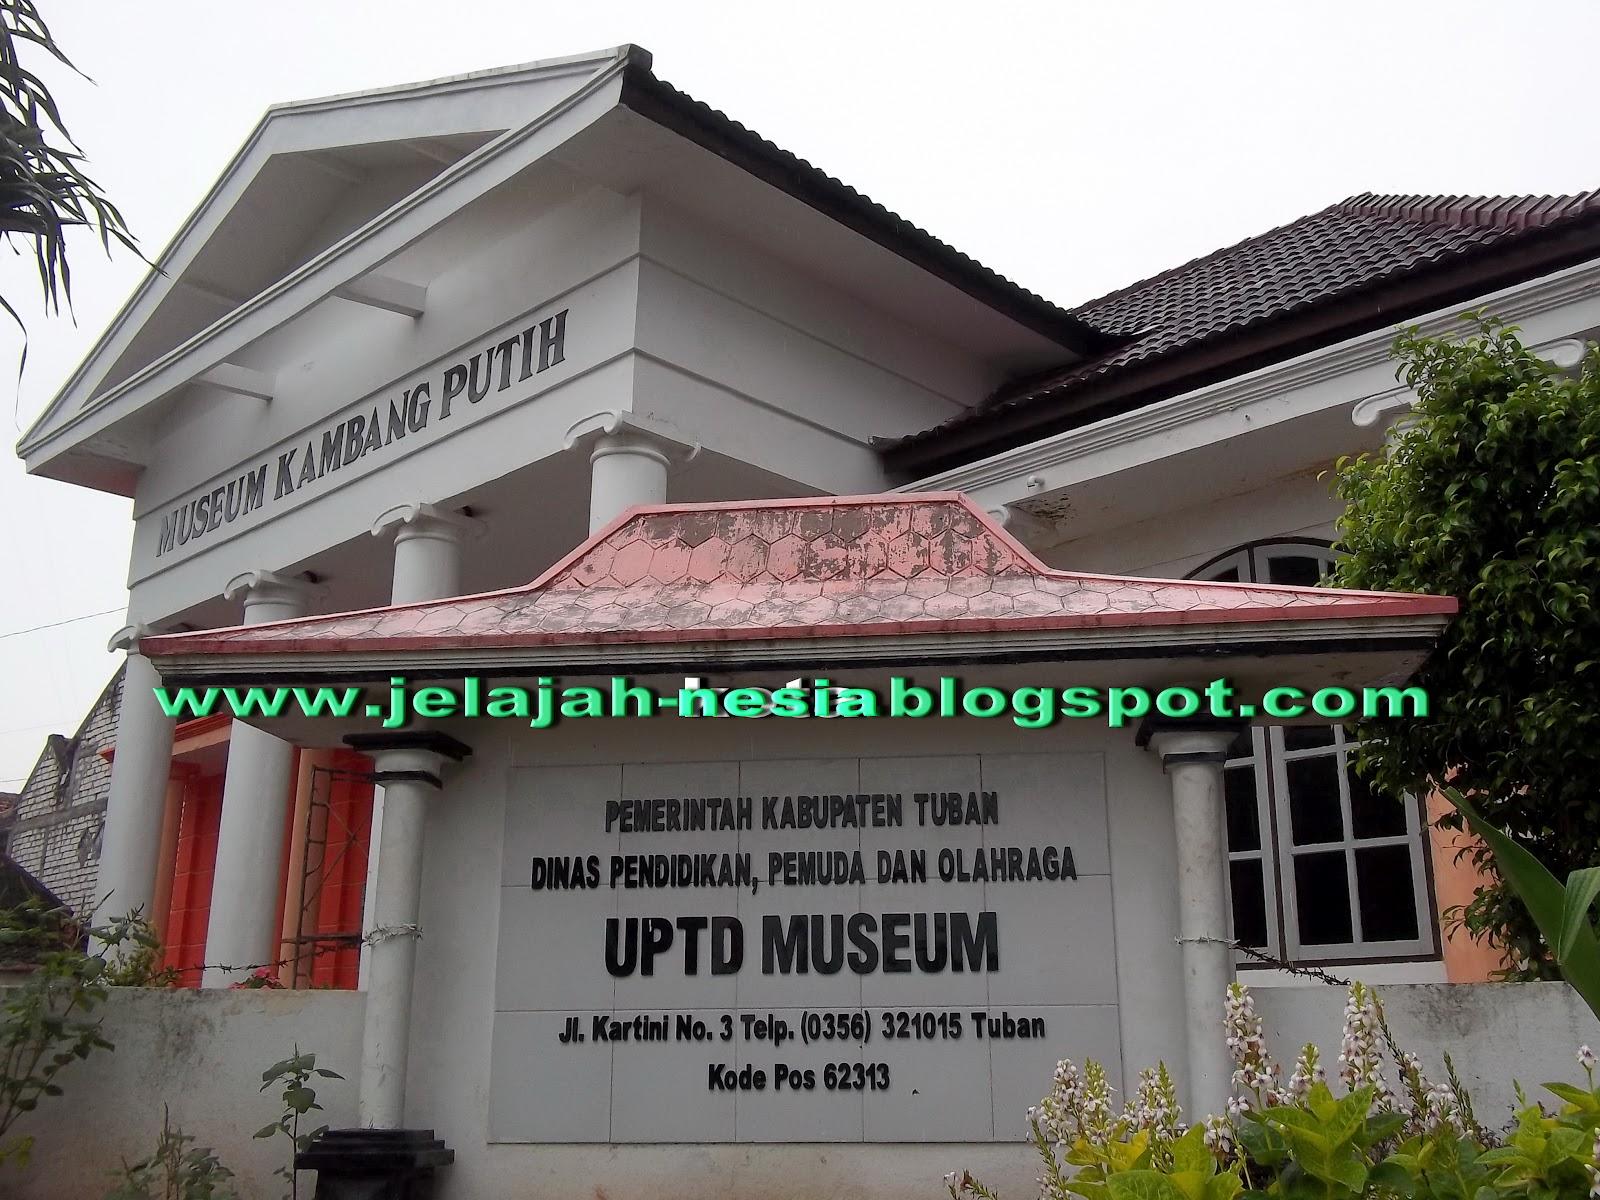 Jejak Sejarah Tuban Museum Kambang Putih Oleh Heri Agung Taman